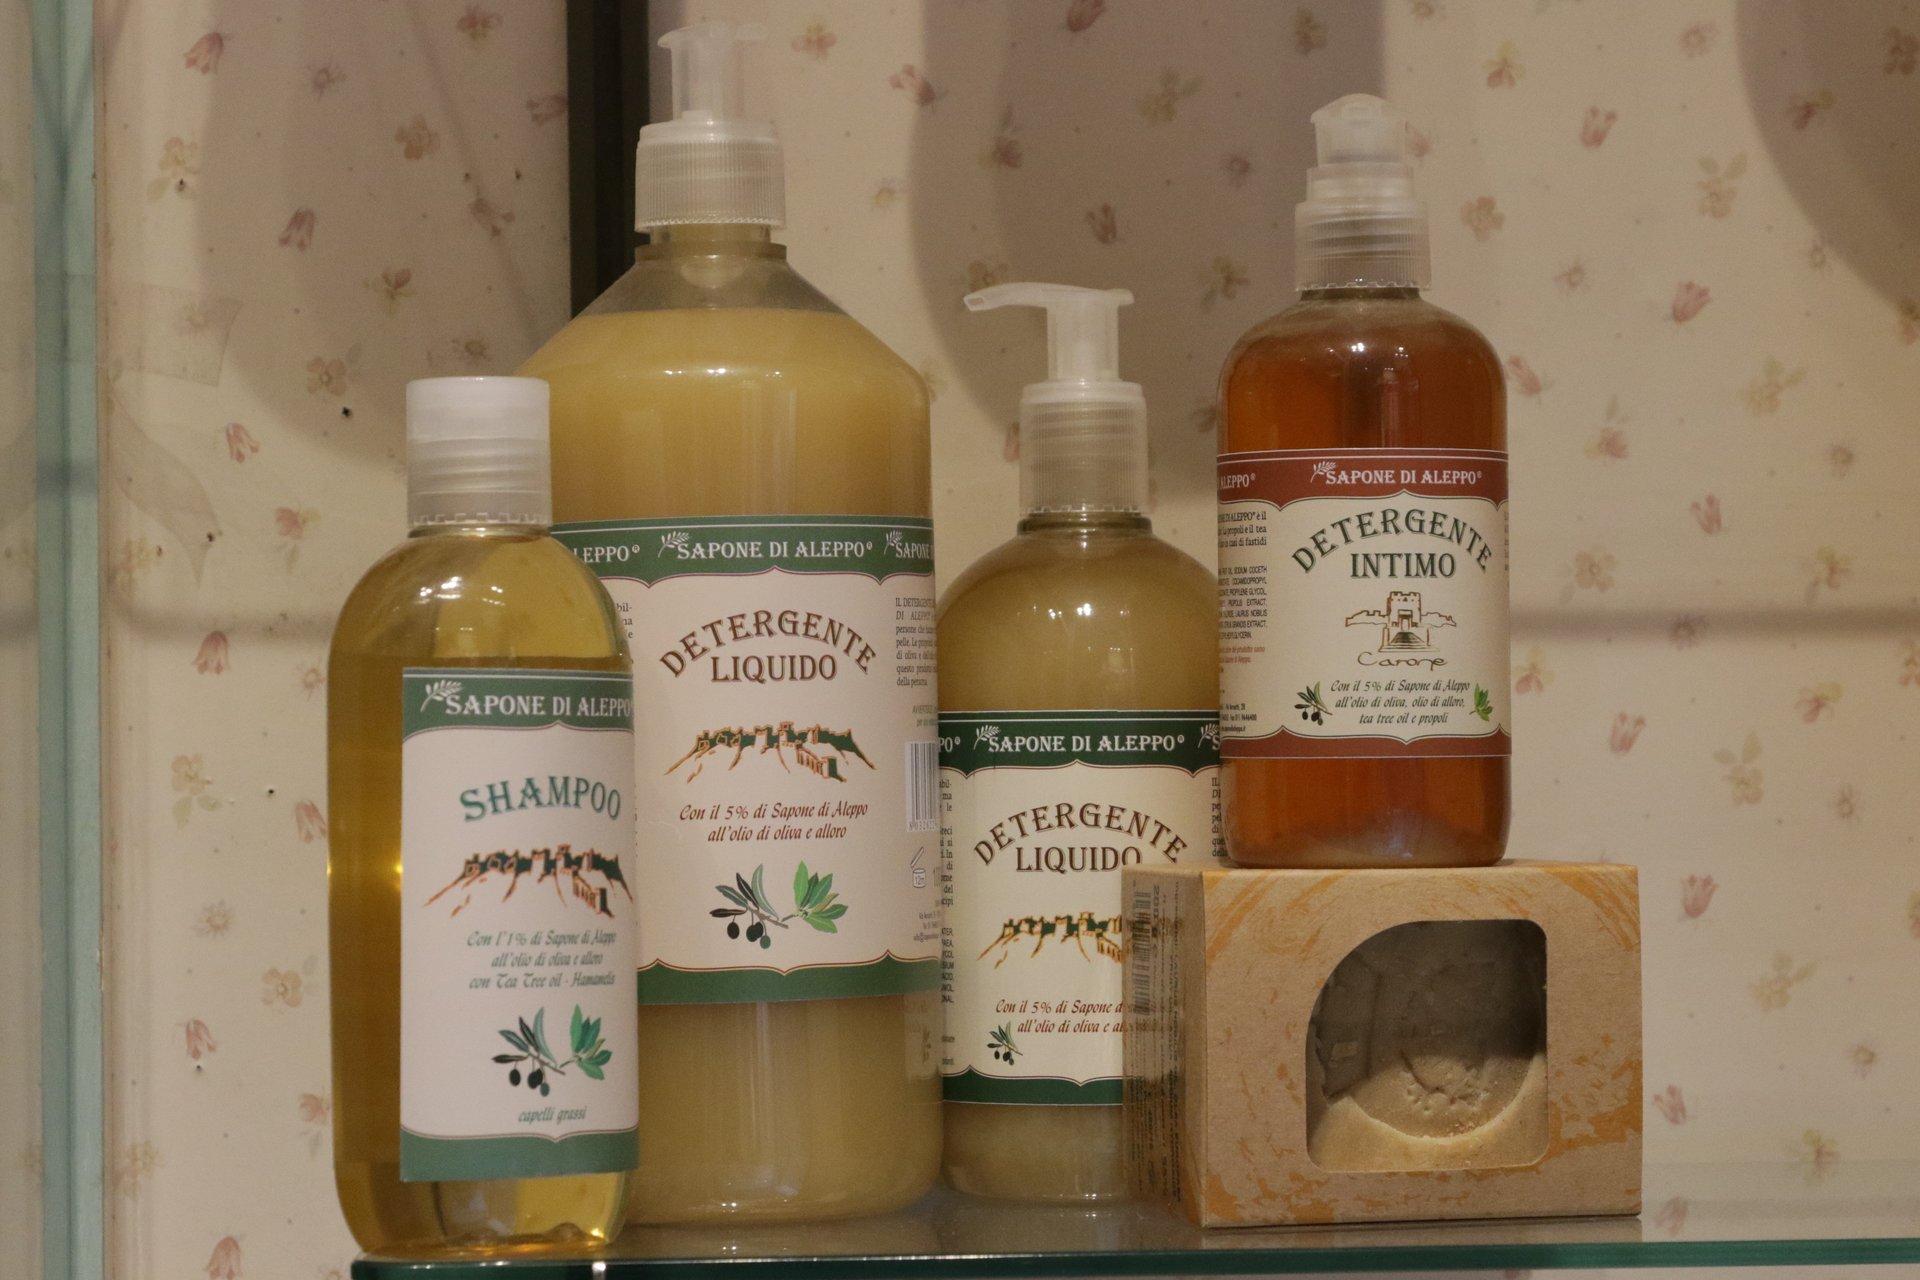 bottiglie di detergente liquido